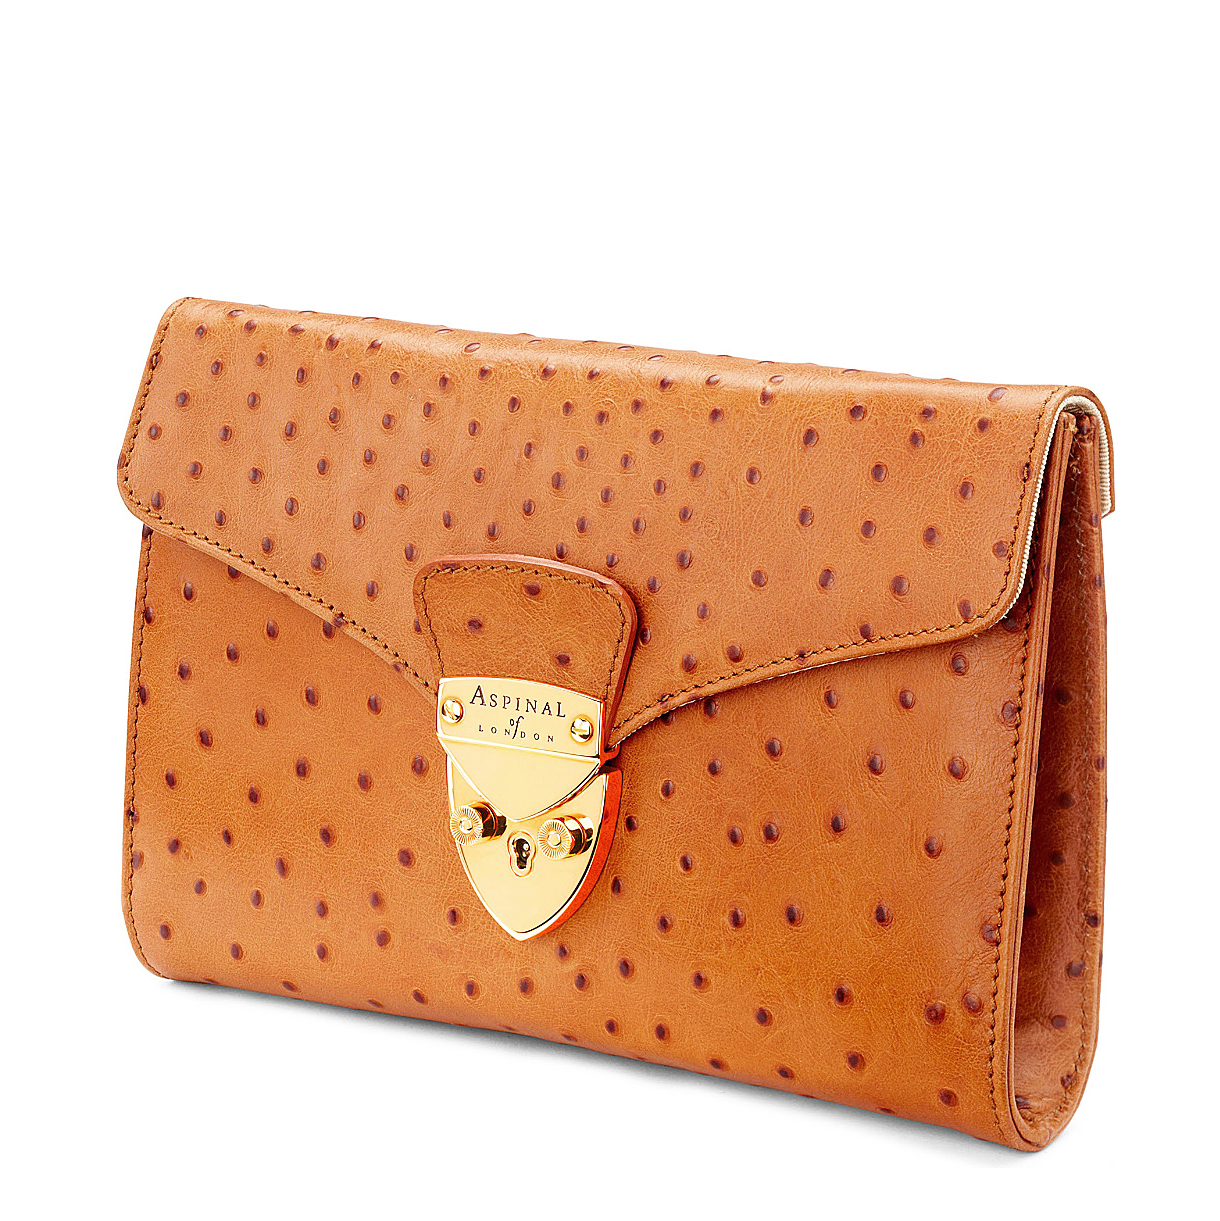 aspinal ostrich skin wallet